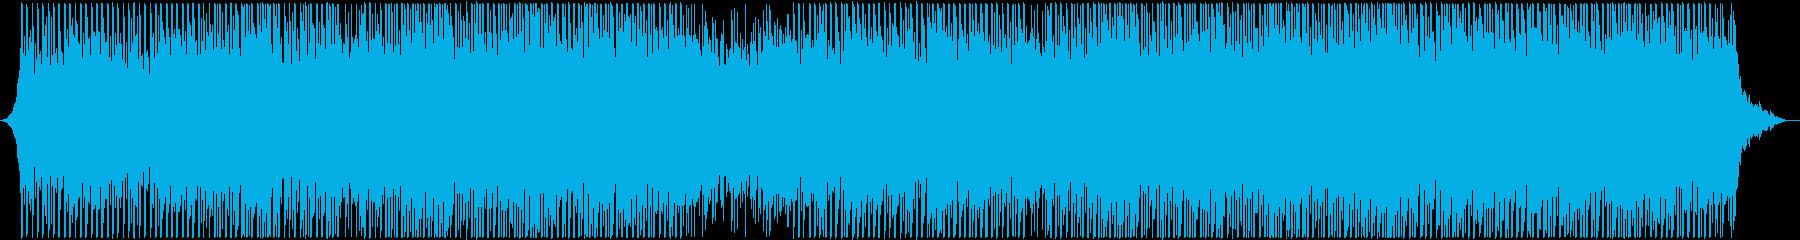 広告や事業推進のための企業音楽の再生済みの波形